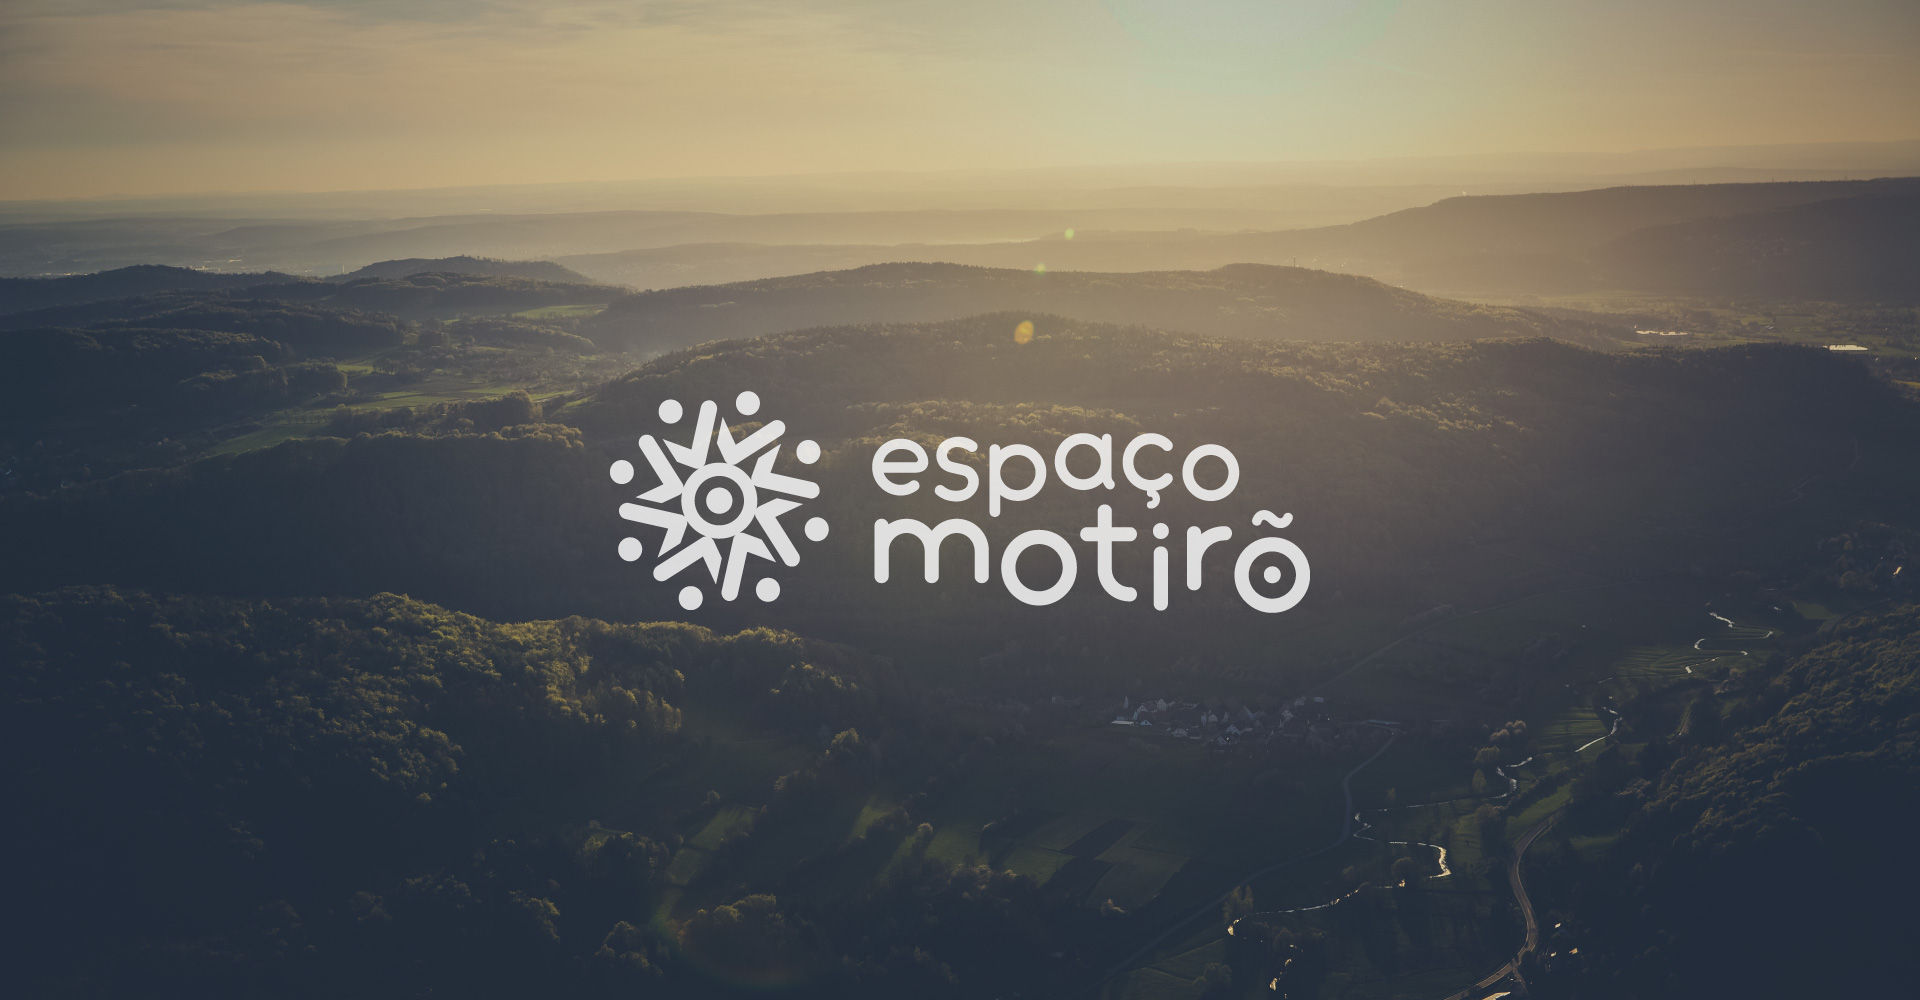 branding-motiro-01